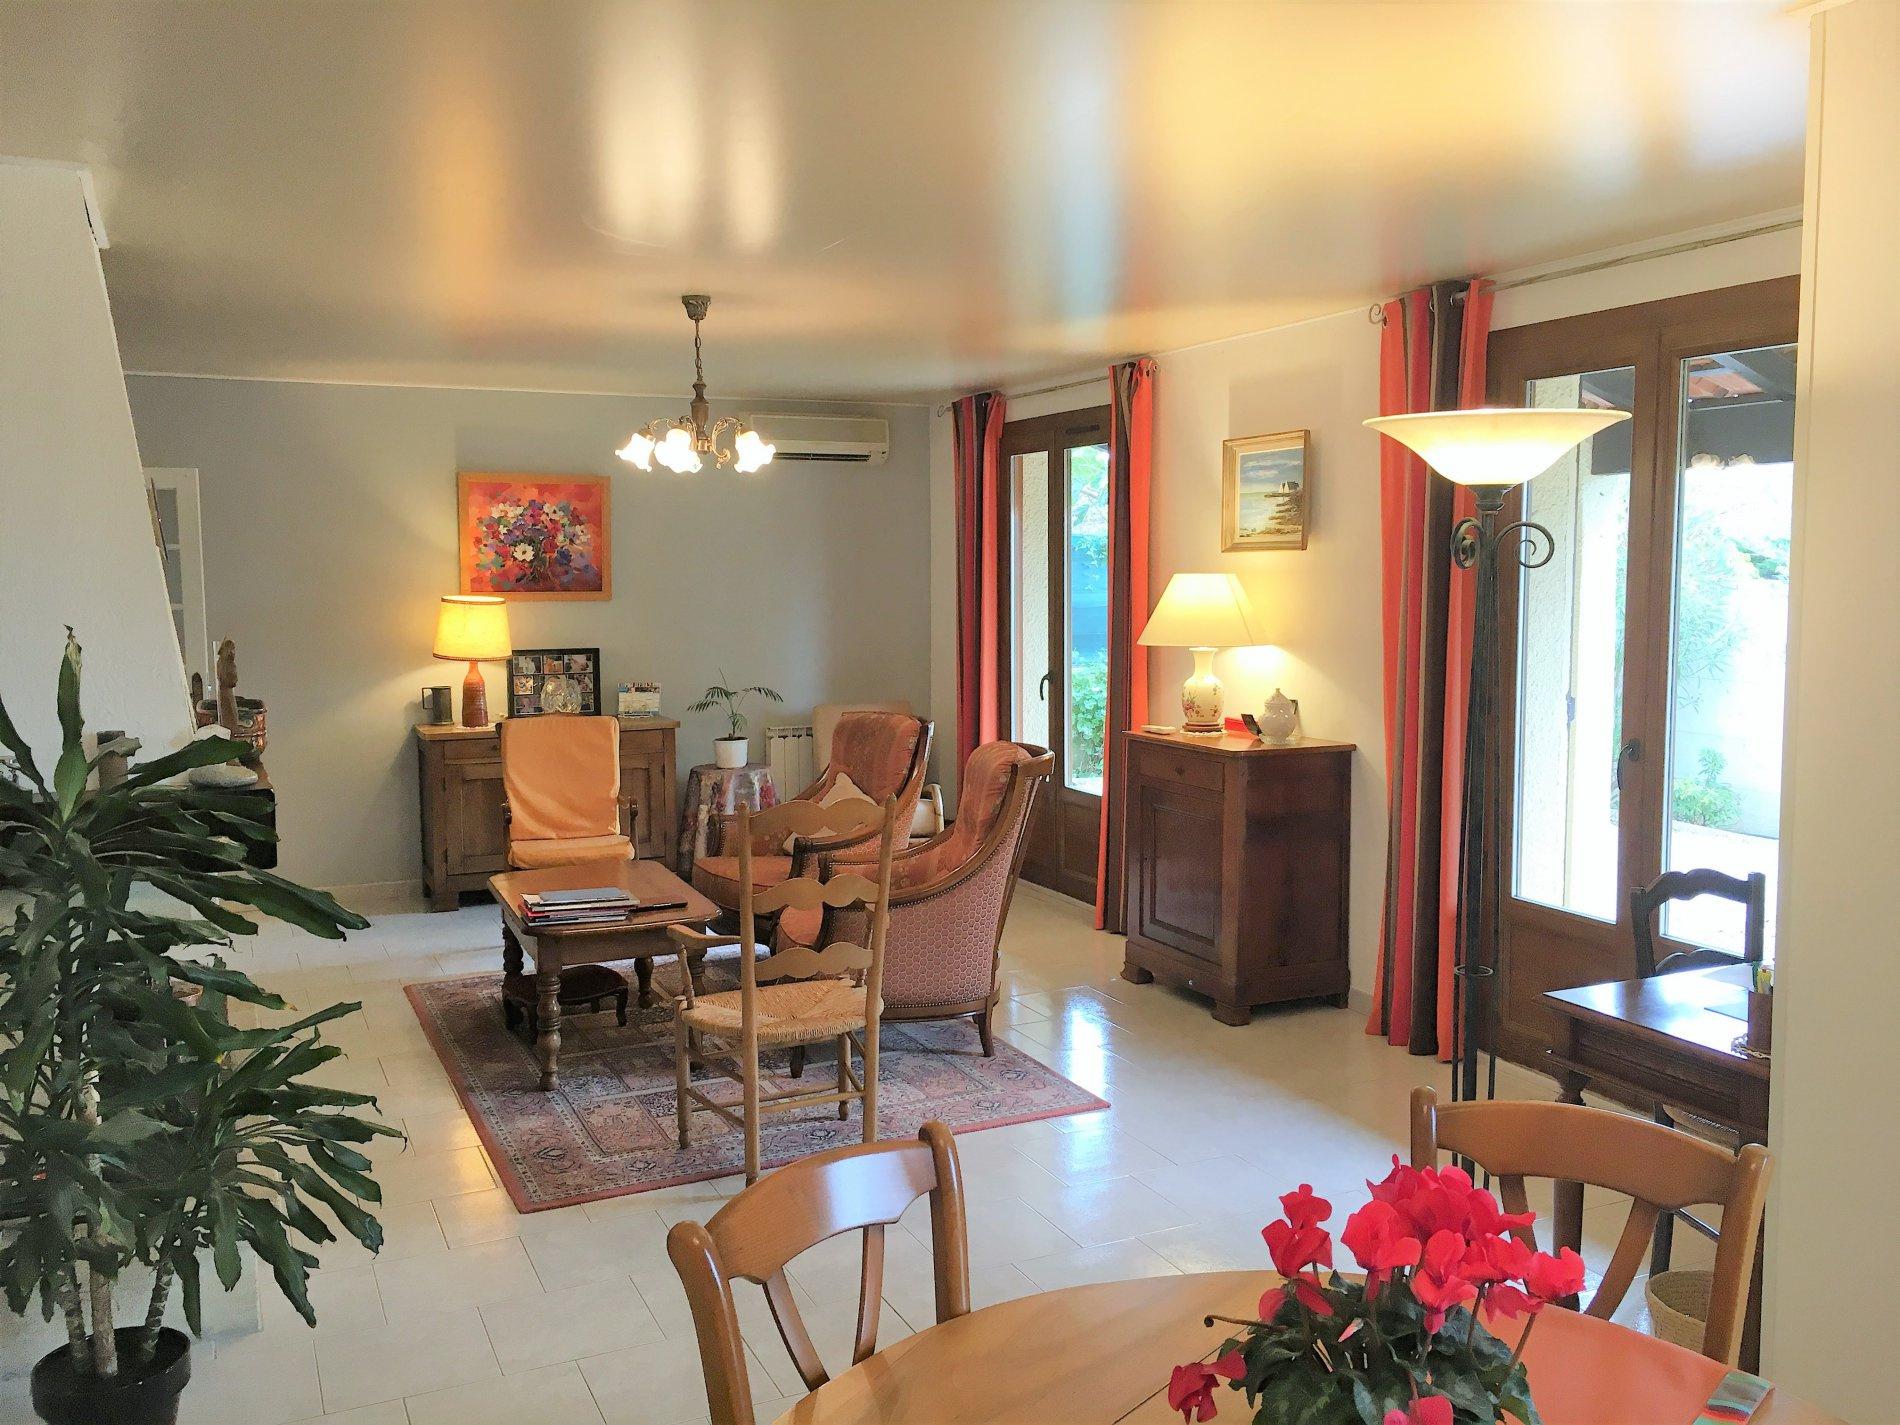 Annonce vente maison florensac 34510 108 m 251 000 for Vente maison florensac